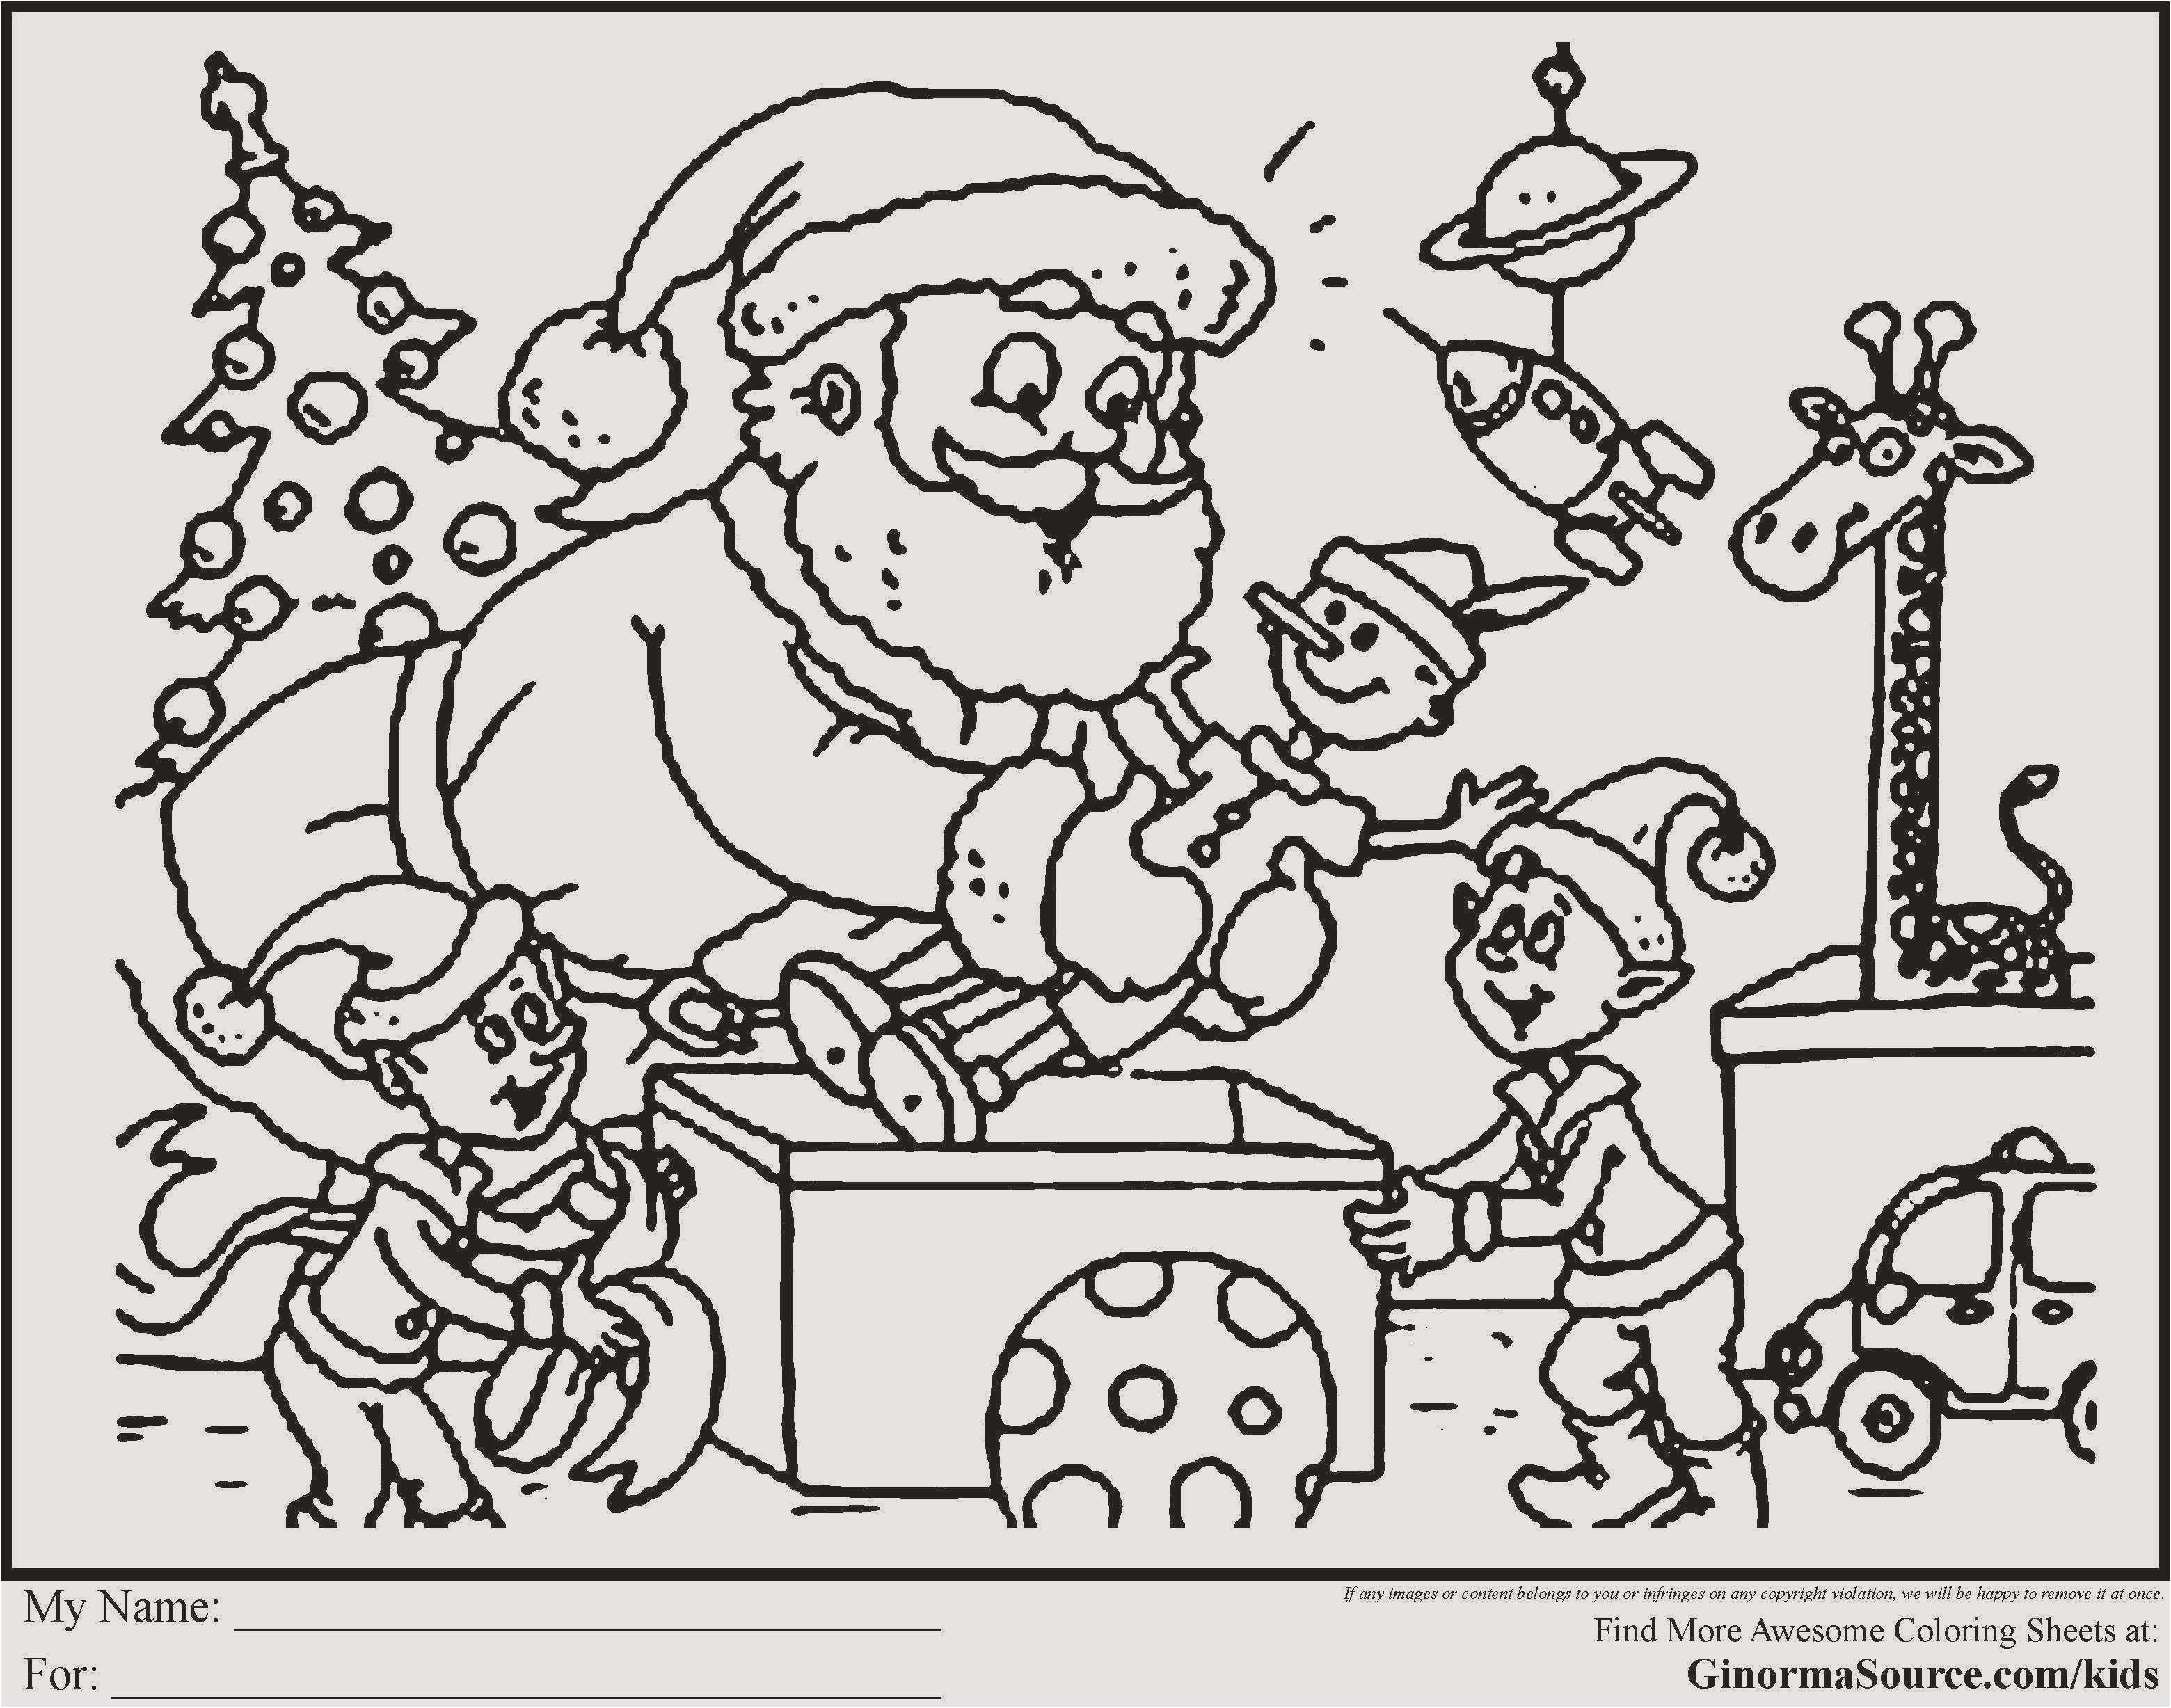 Ausmalbilder Weihnachten Christlich Inspirierend Clash Royale Ausmalbilder Marta soliwodzka Martasoli Auf Bilder